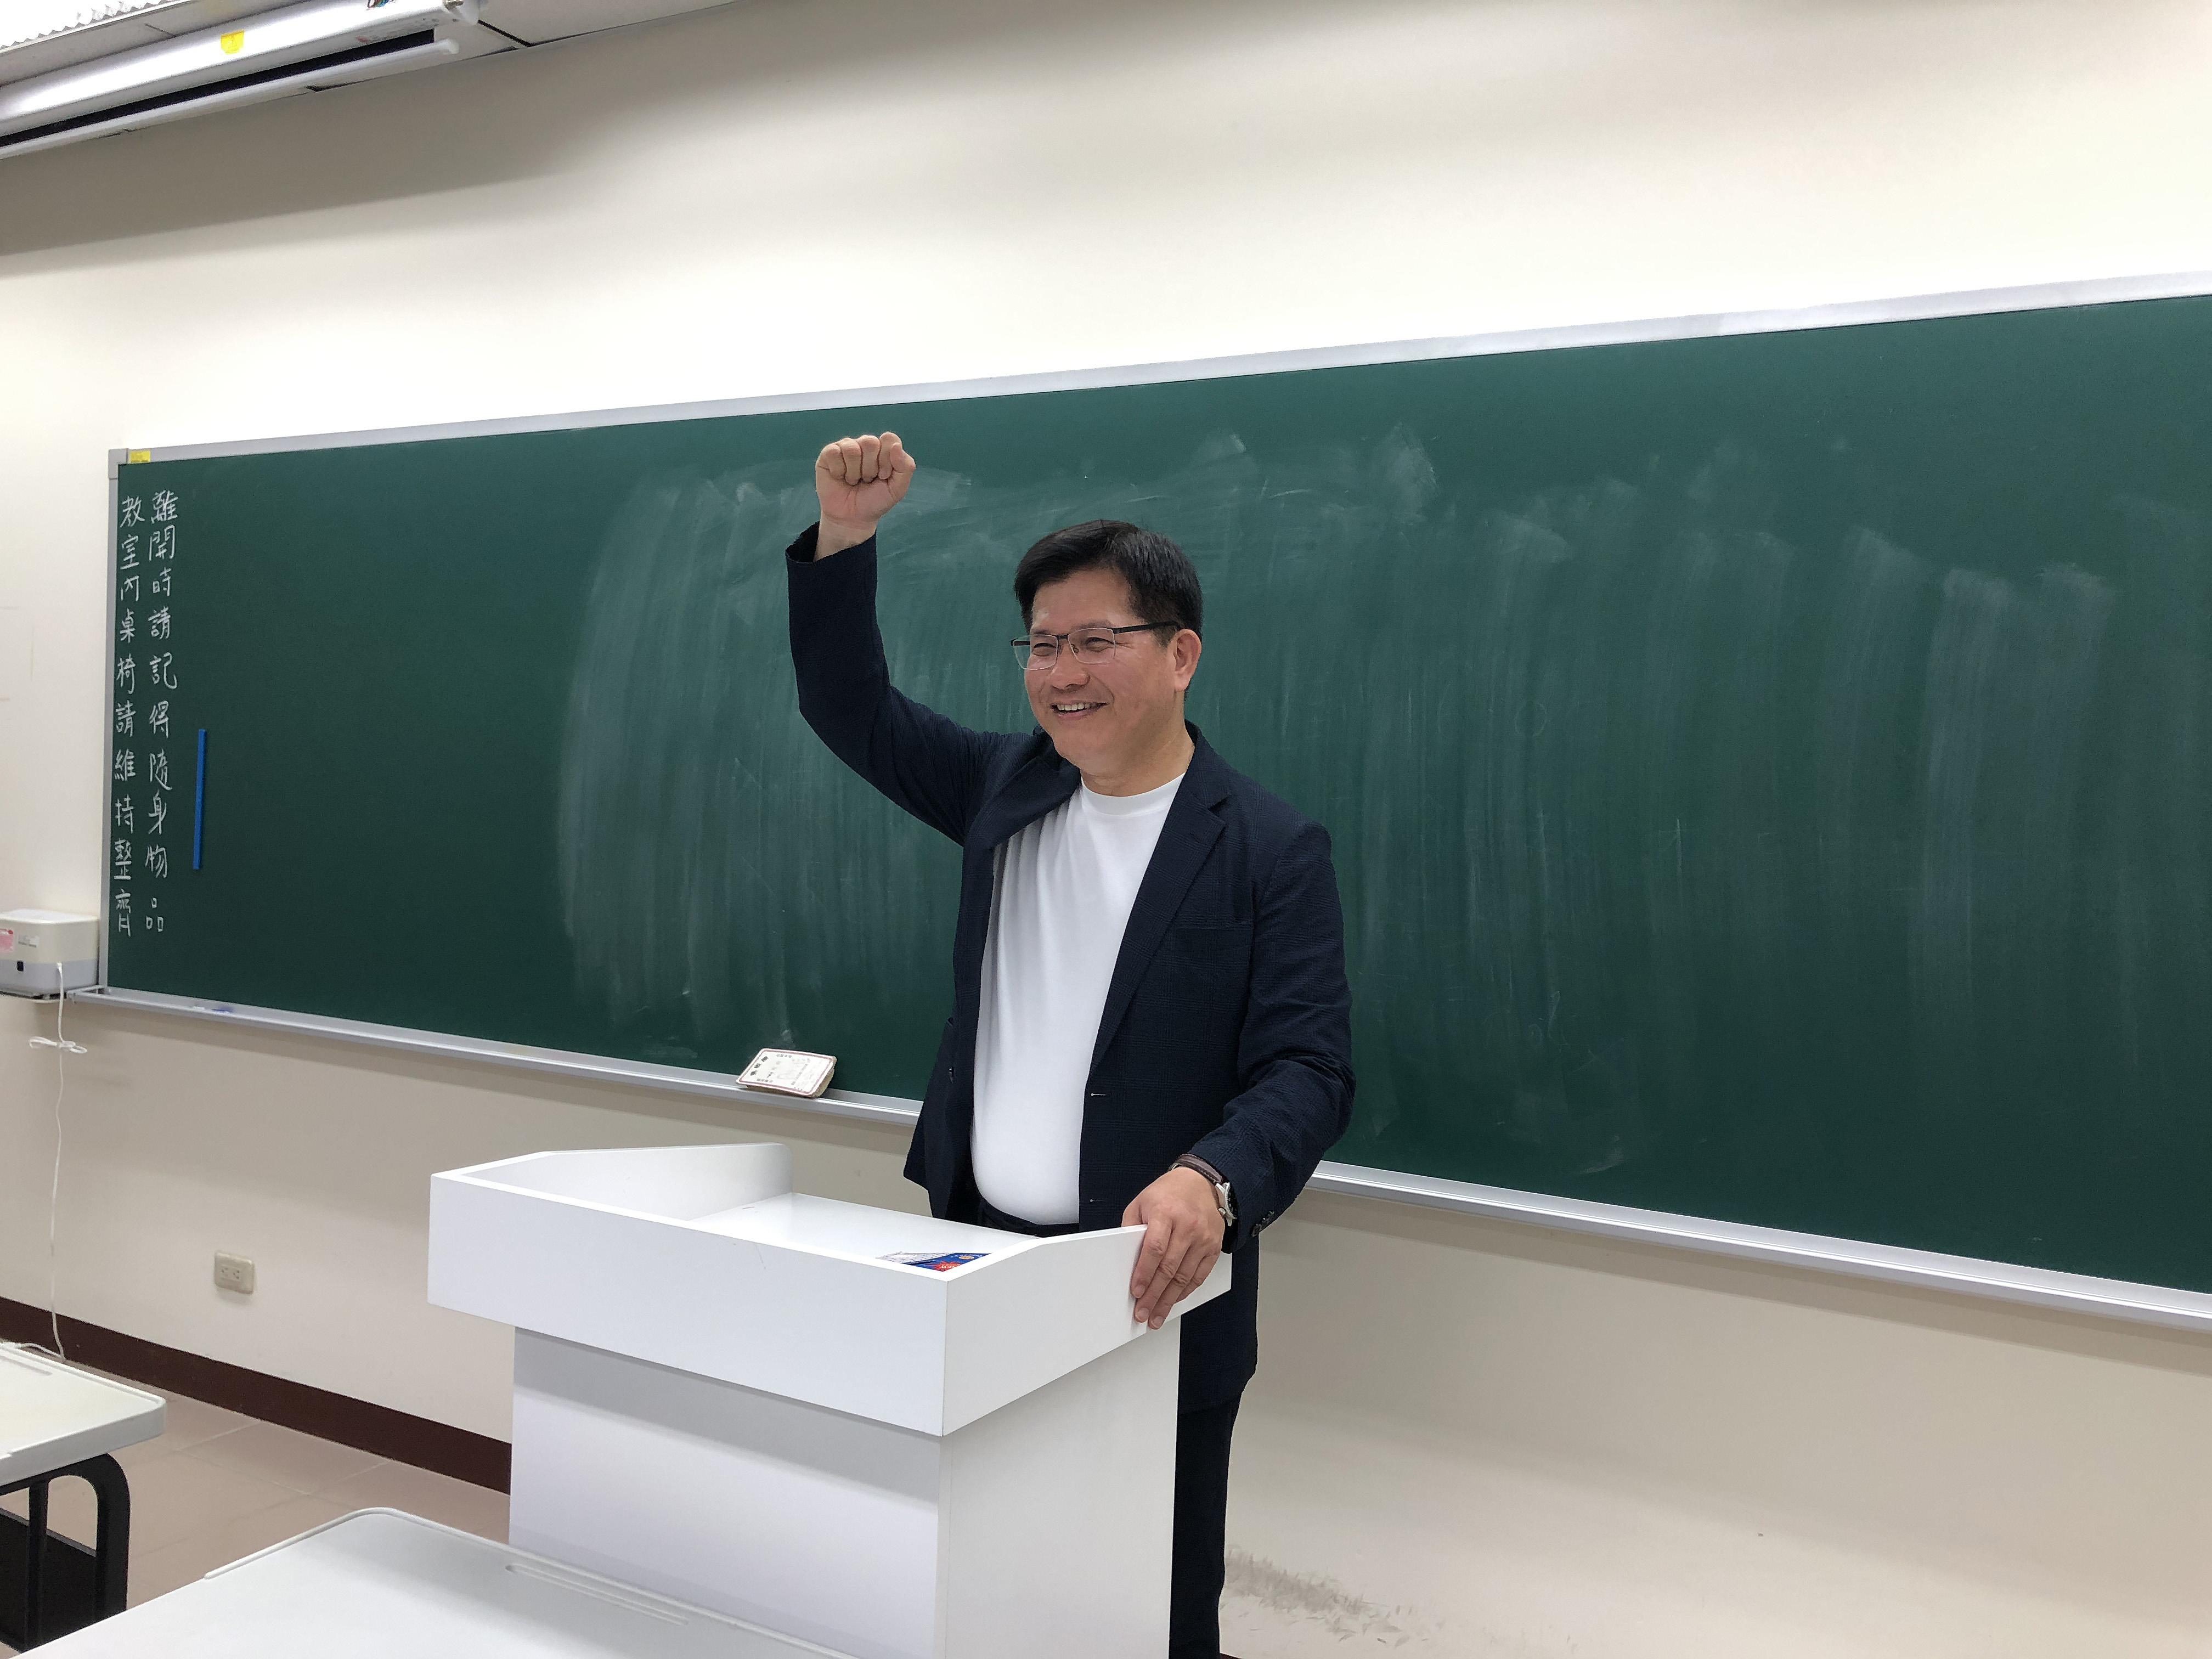 中正大學分流辦畢典 交通部長林佳龍獻祝福-校園大小事